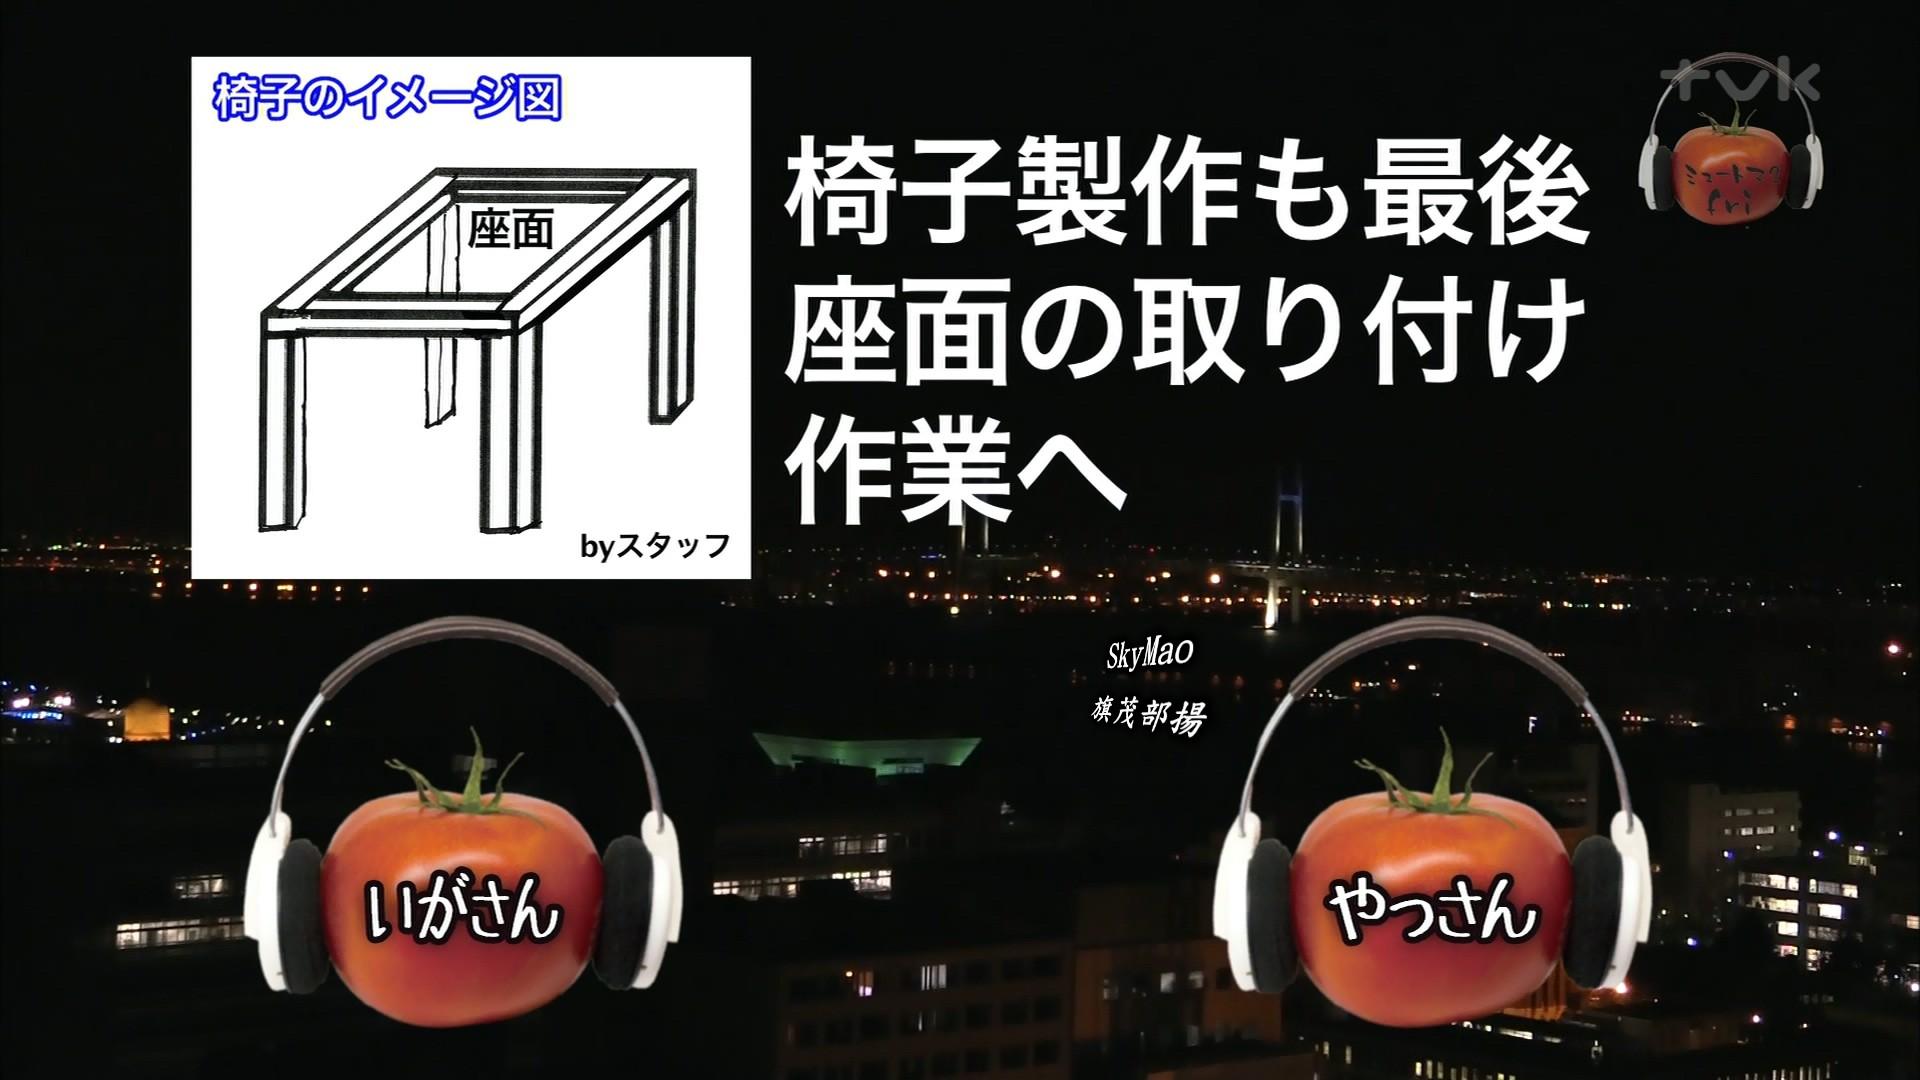 2017.06.30 全場(ミュートマ2).ts_20170703_095518.524